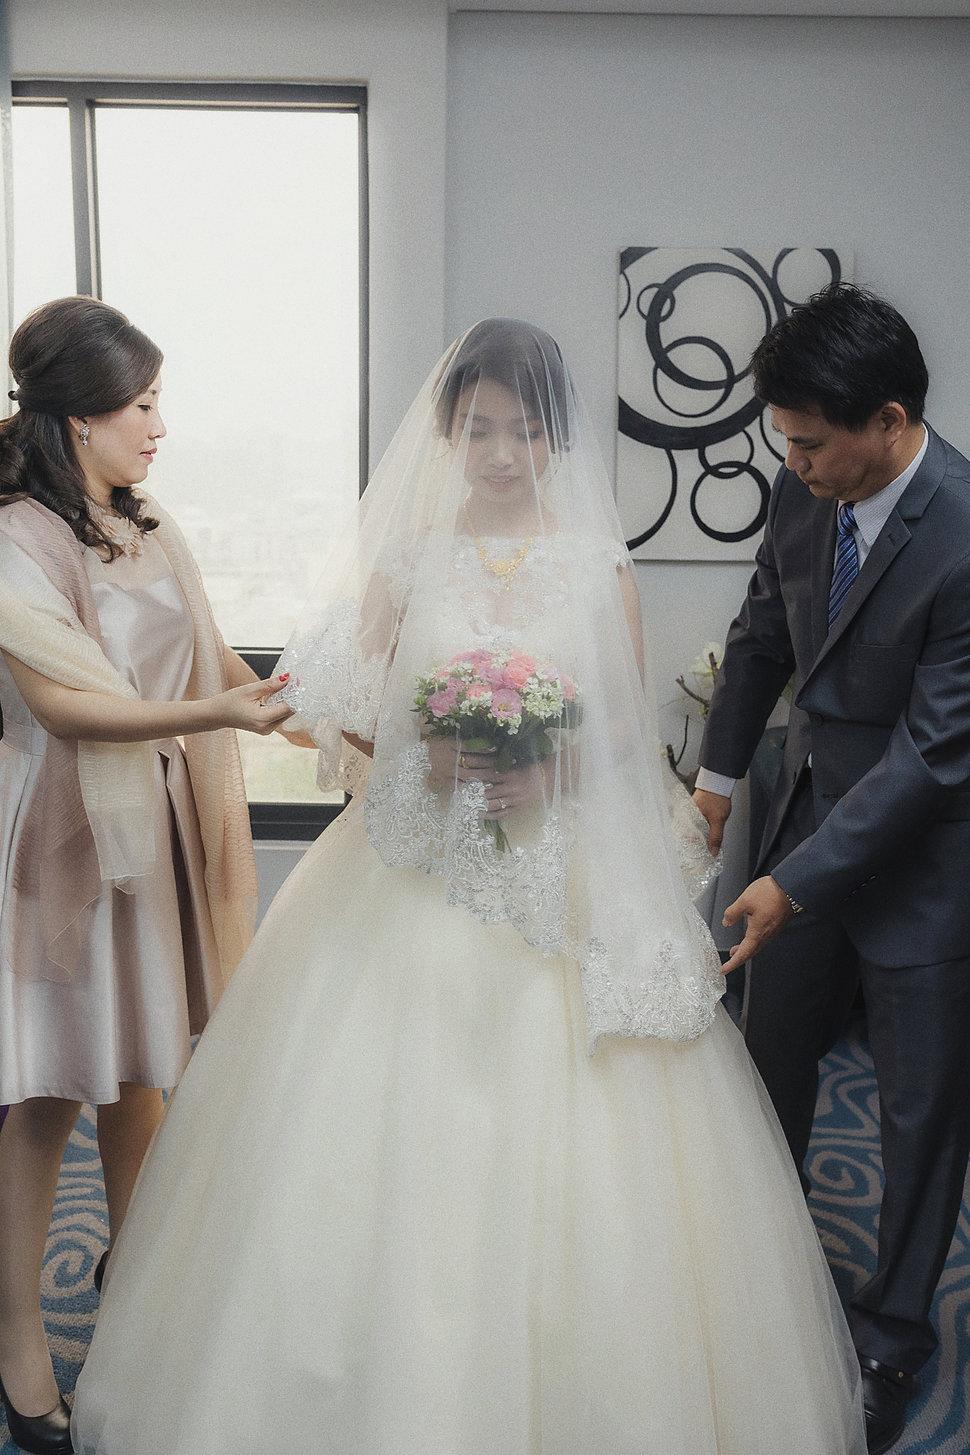 婚禮攝影-36 - 凱勒・周 獨立影像 - 結婚吧